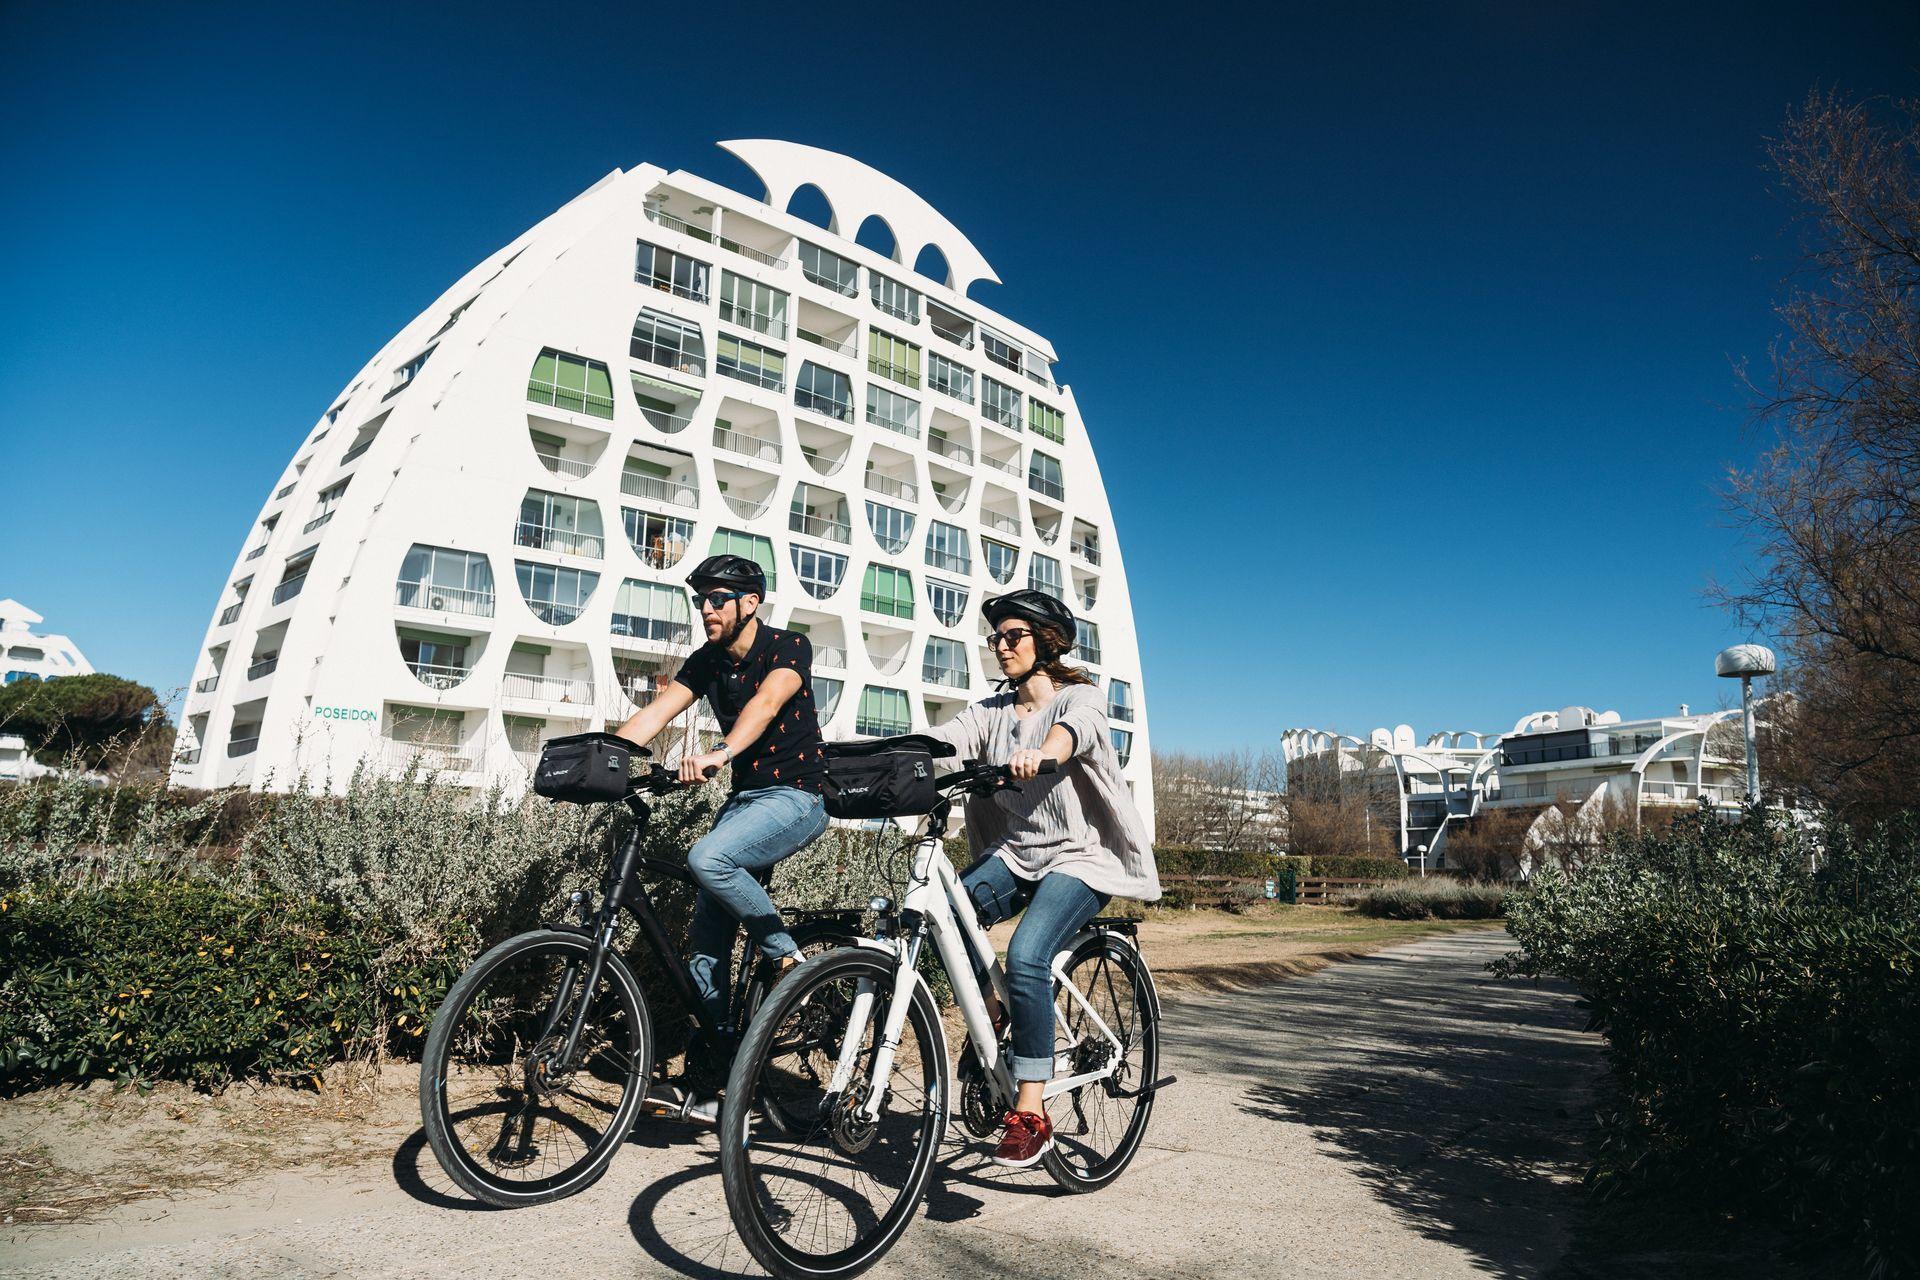 Plage de la Grande Motte, Jeune couple à vélo